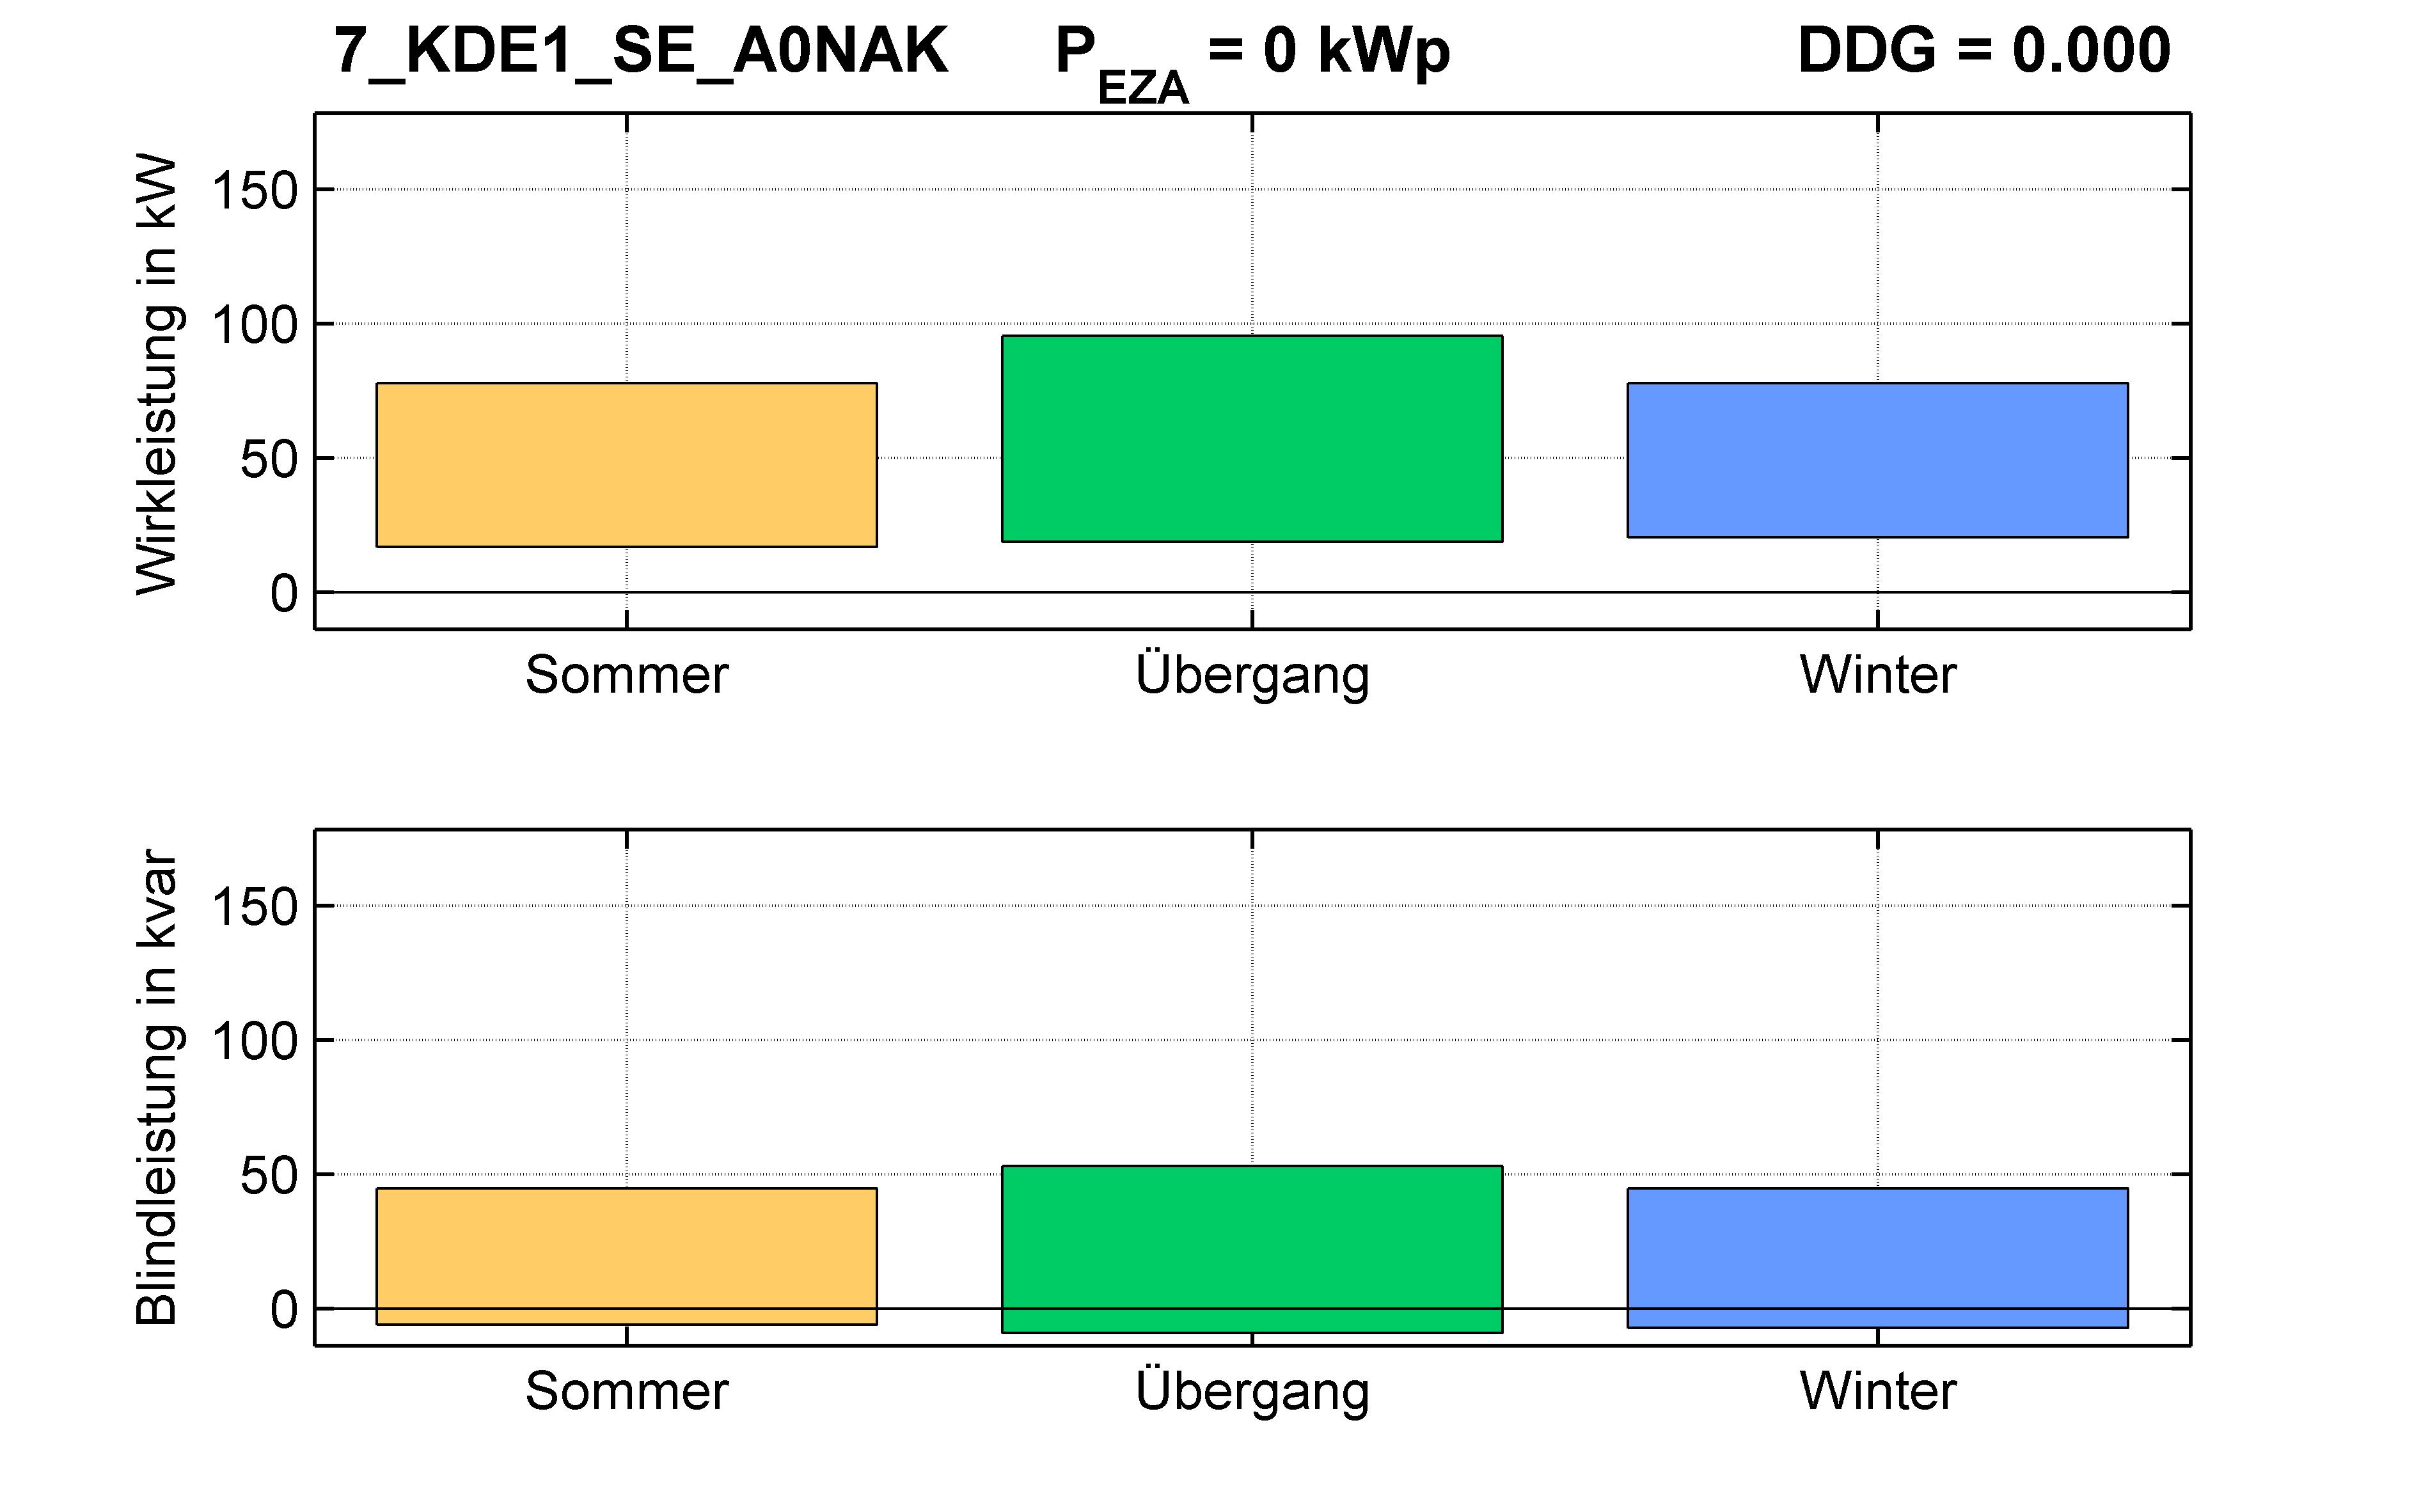 KDE1 | Längsregler (SE) A0NAK | PQ-Bilanz